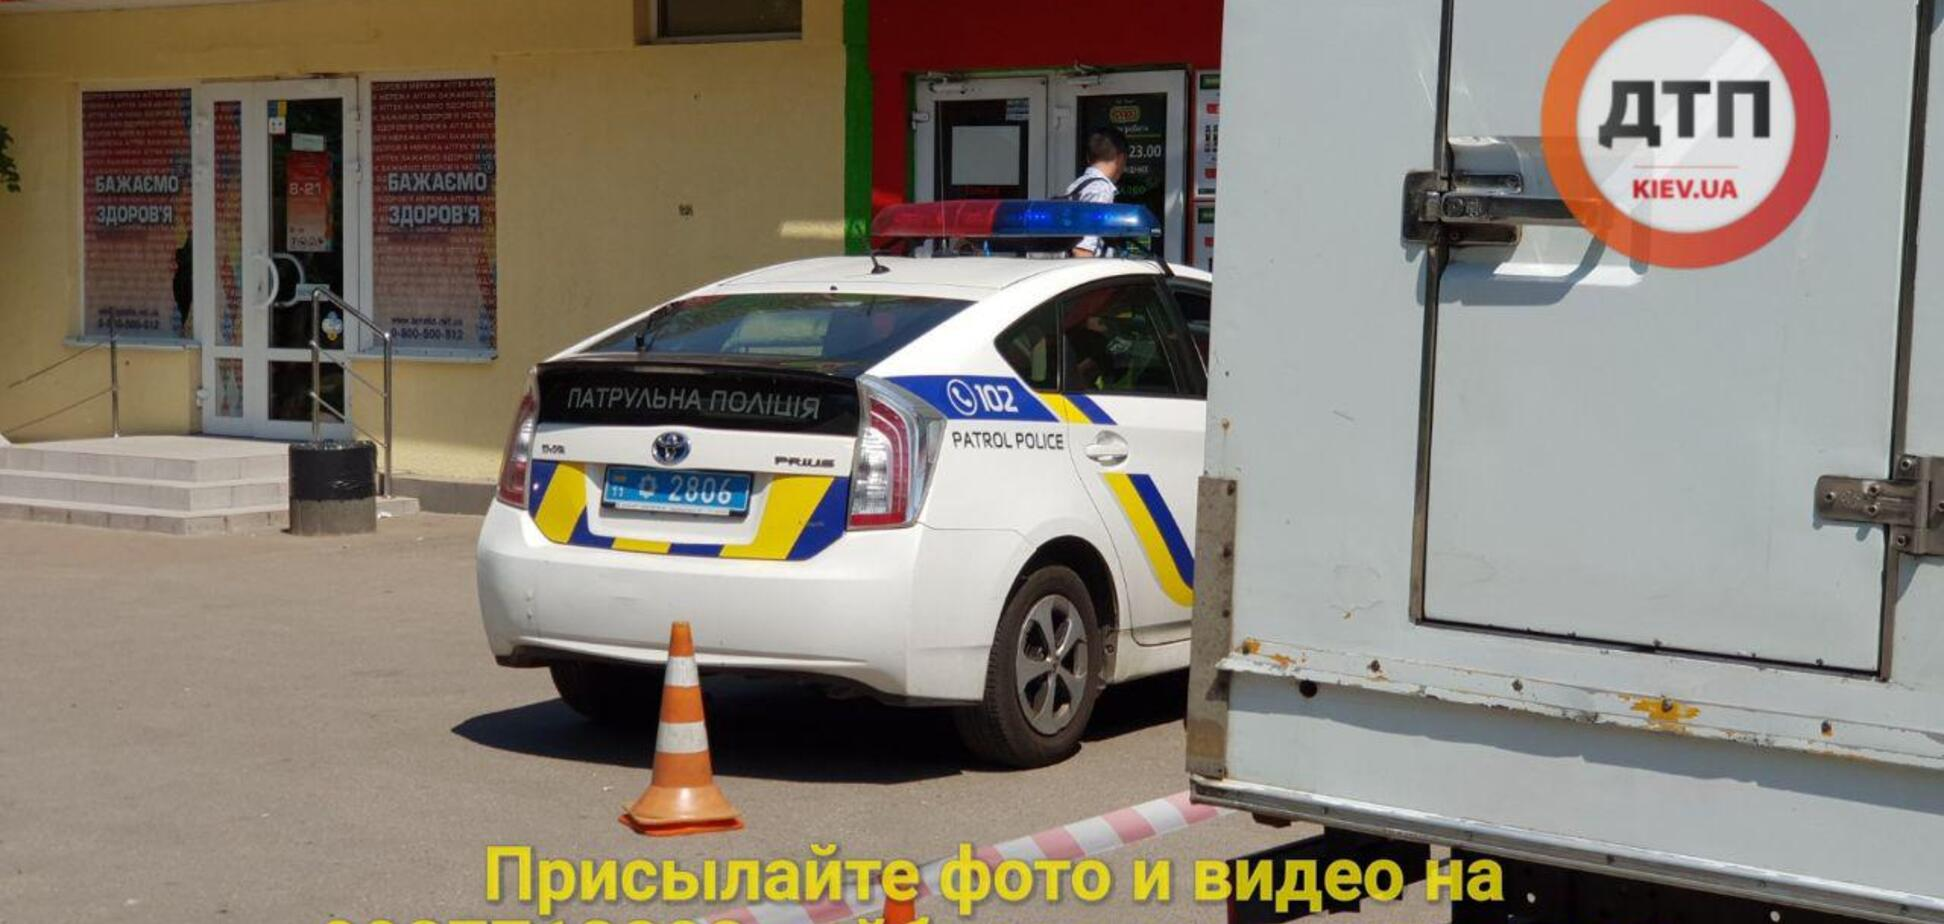 'Залишилася без голови': у Києві в ДТП загинула жінка